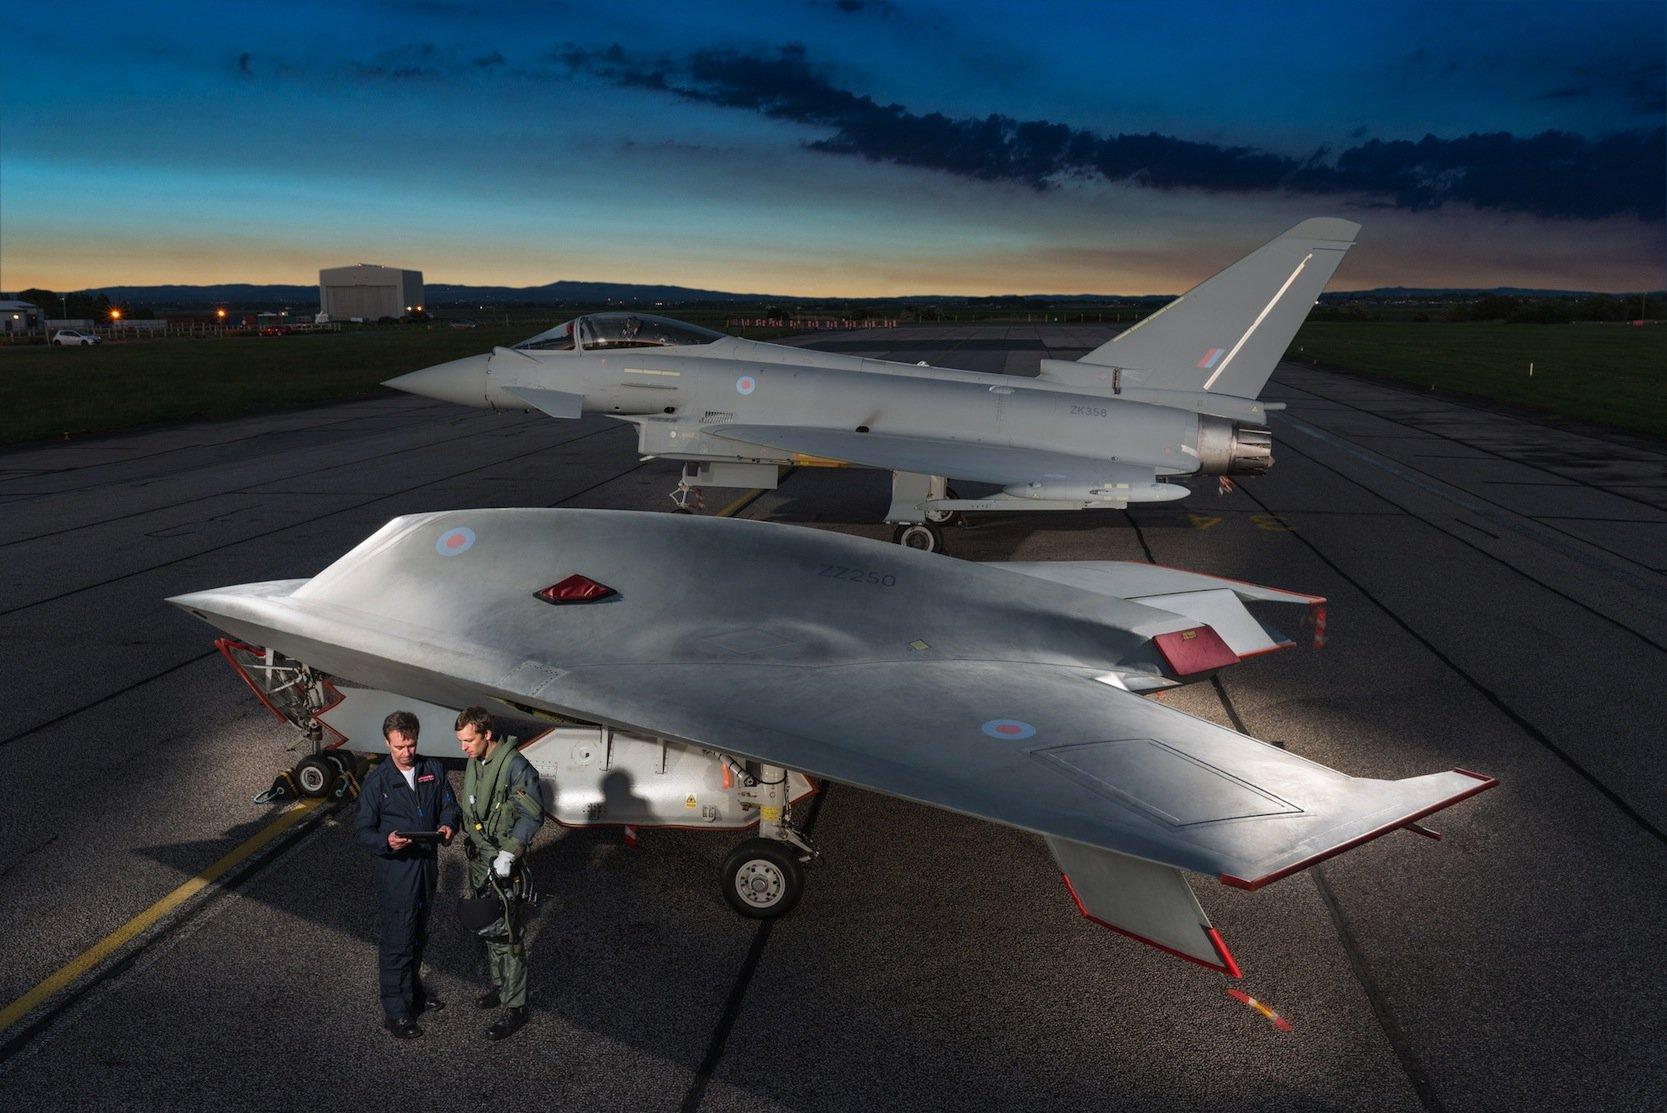 Die Kampfdrohne Taranis, hier im Vordergrund, hat im Sommer erstmals Überschallgeschwindigkeit erreicht. Die Drohne verfügt über ein Radarabwehrsystem und ist fast unsichtbar für die feindliche Aufklärung.